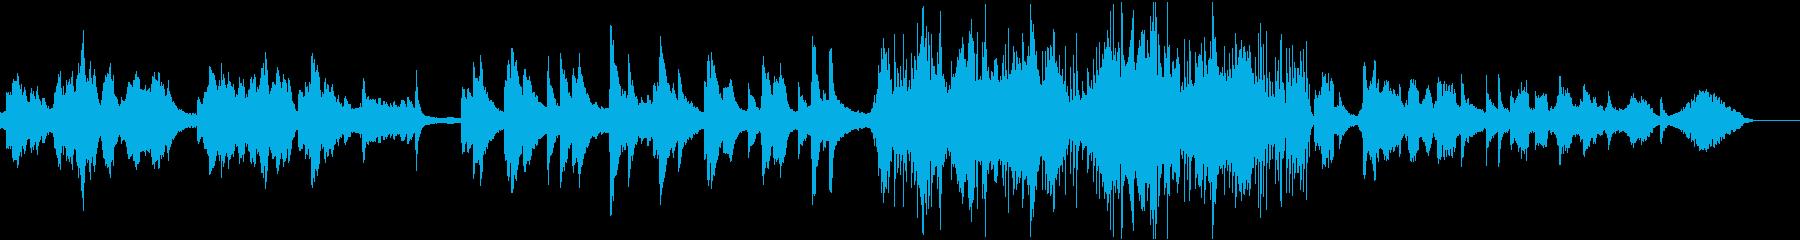 悲しめの回想曲の再生済みの波形